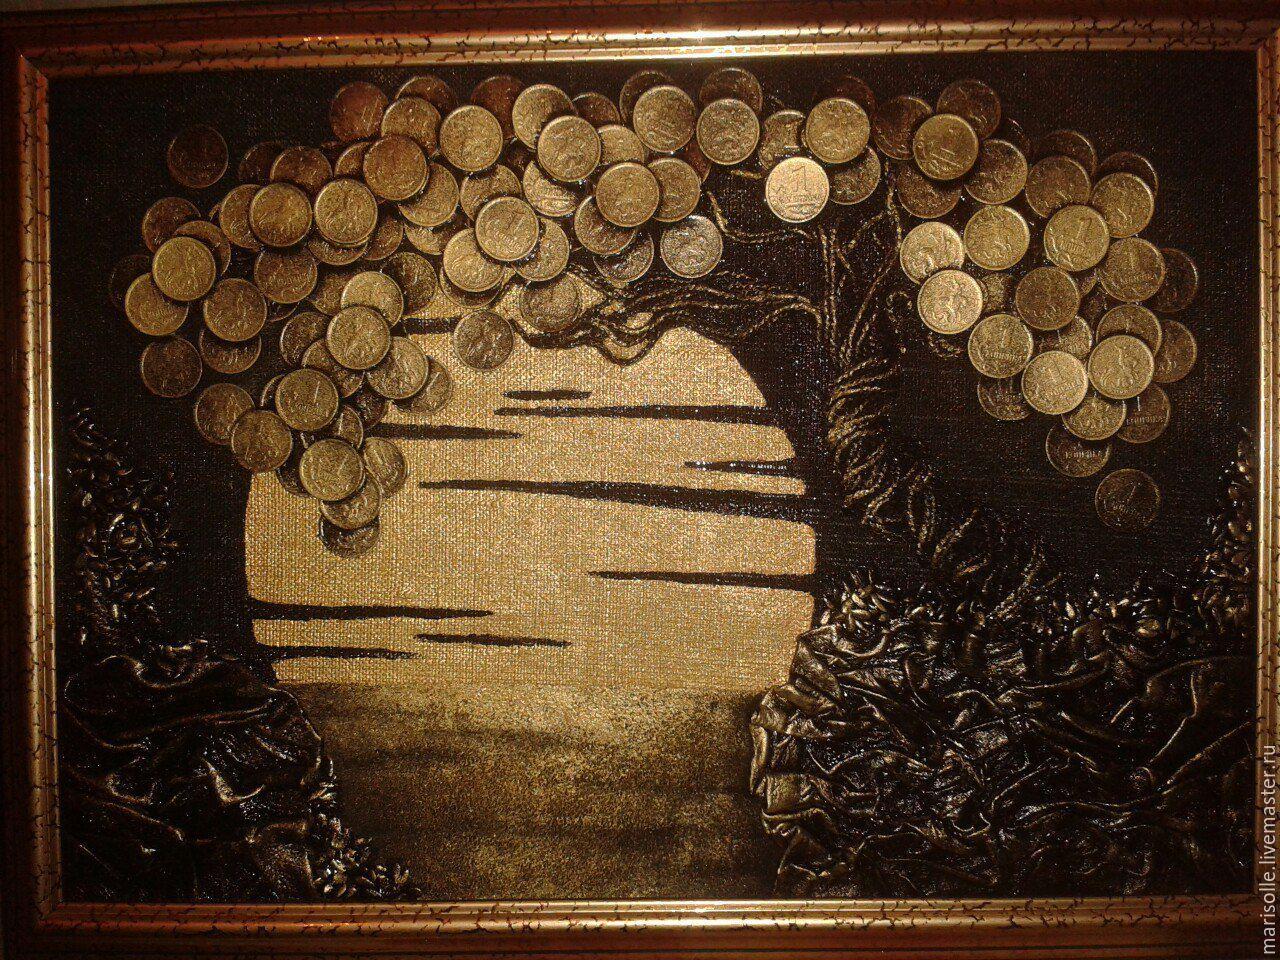 Картины из монет купить альбом все сочинские монеты